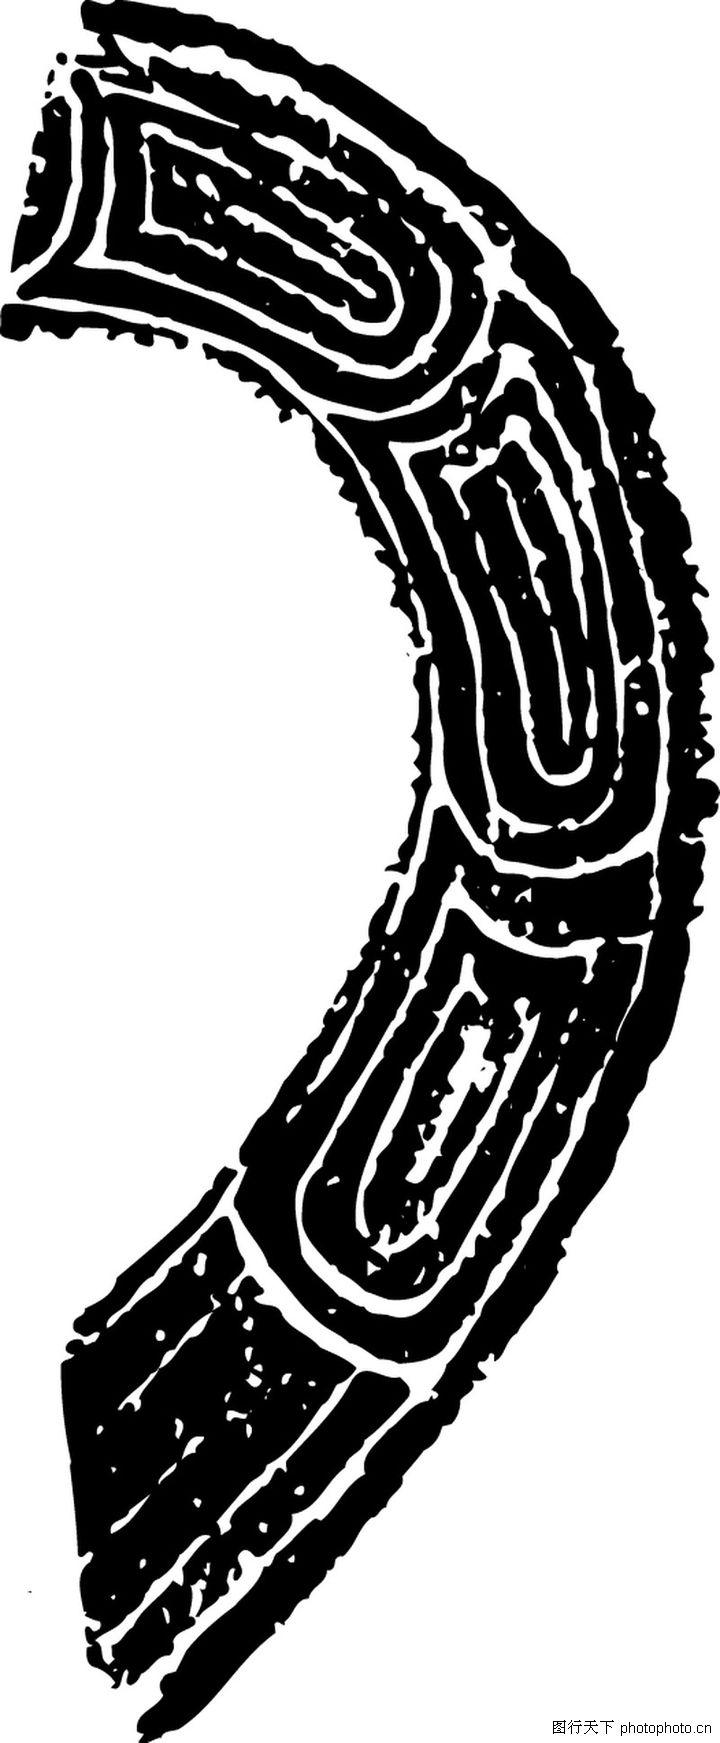 矢量图库 中国古图案